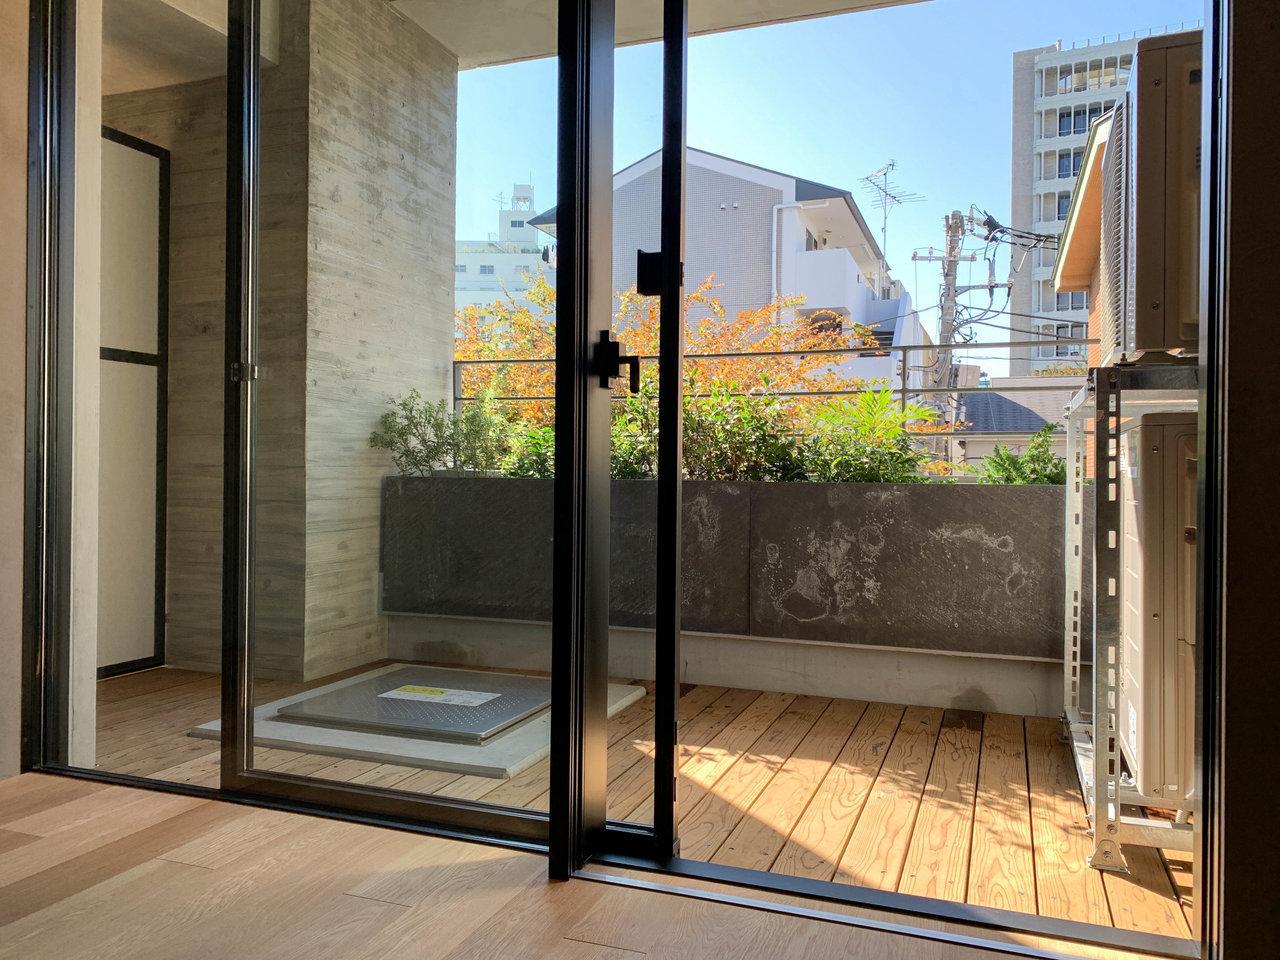 ウッドデッキのバルコニーには植栽を。居室から見ると大きな窓と組み合わさり、借景しているような感覚で暮らせます。